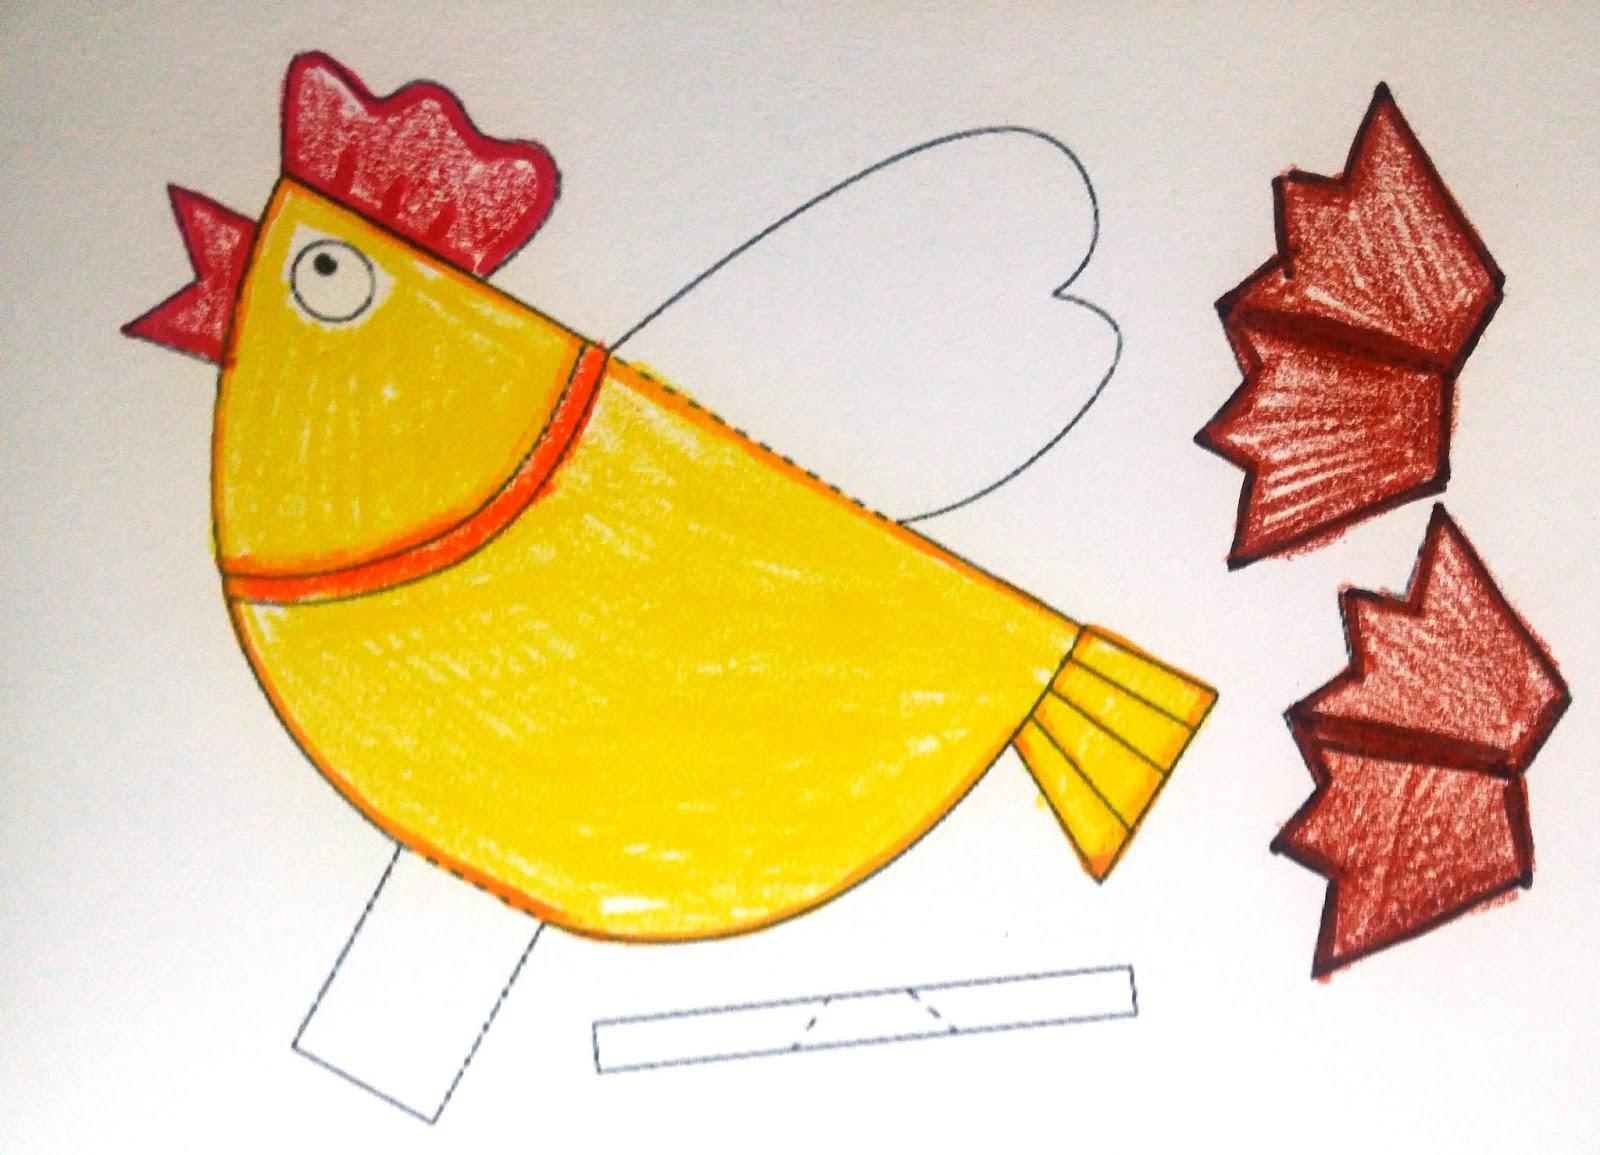 Craft membuat Ayam printkan pola gambar ayam dan mewarnai